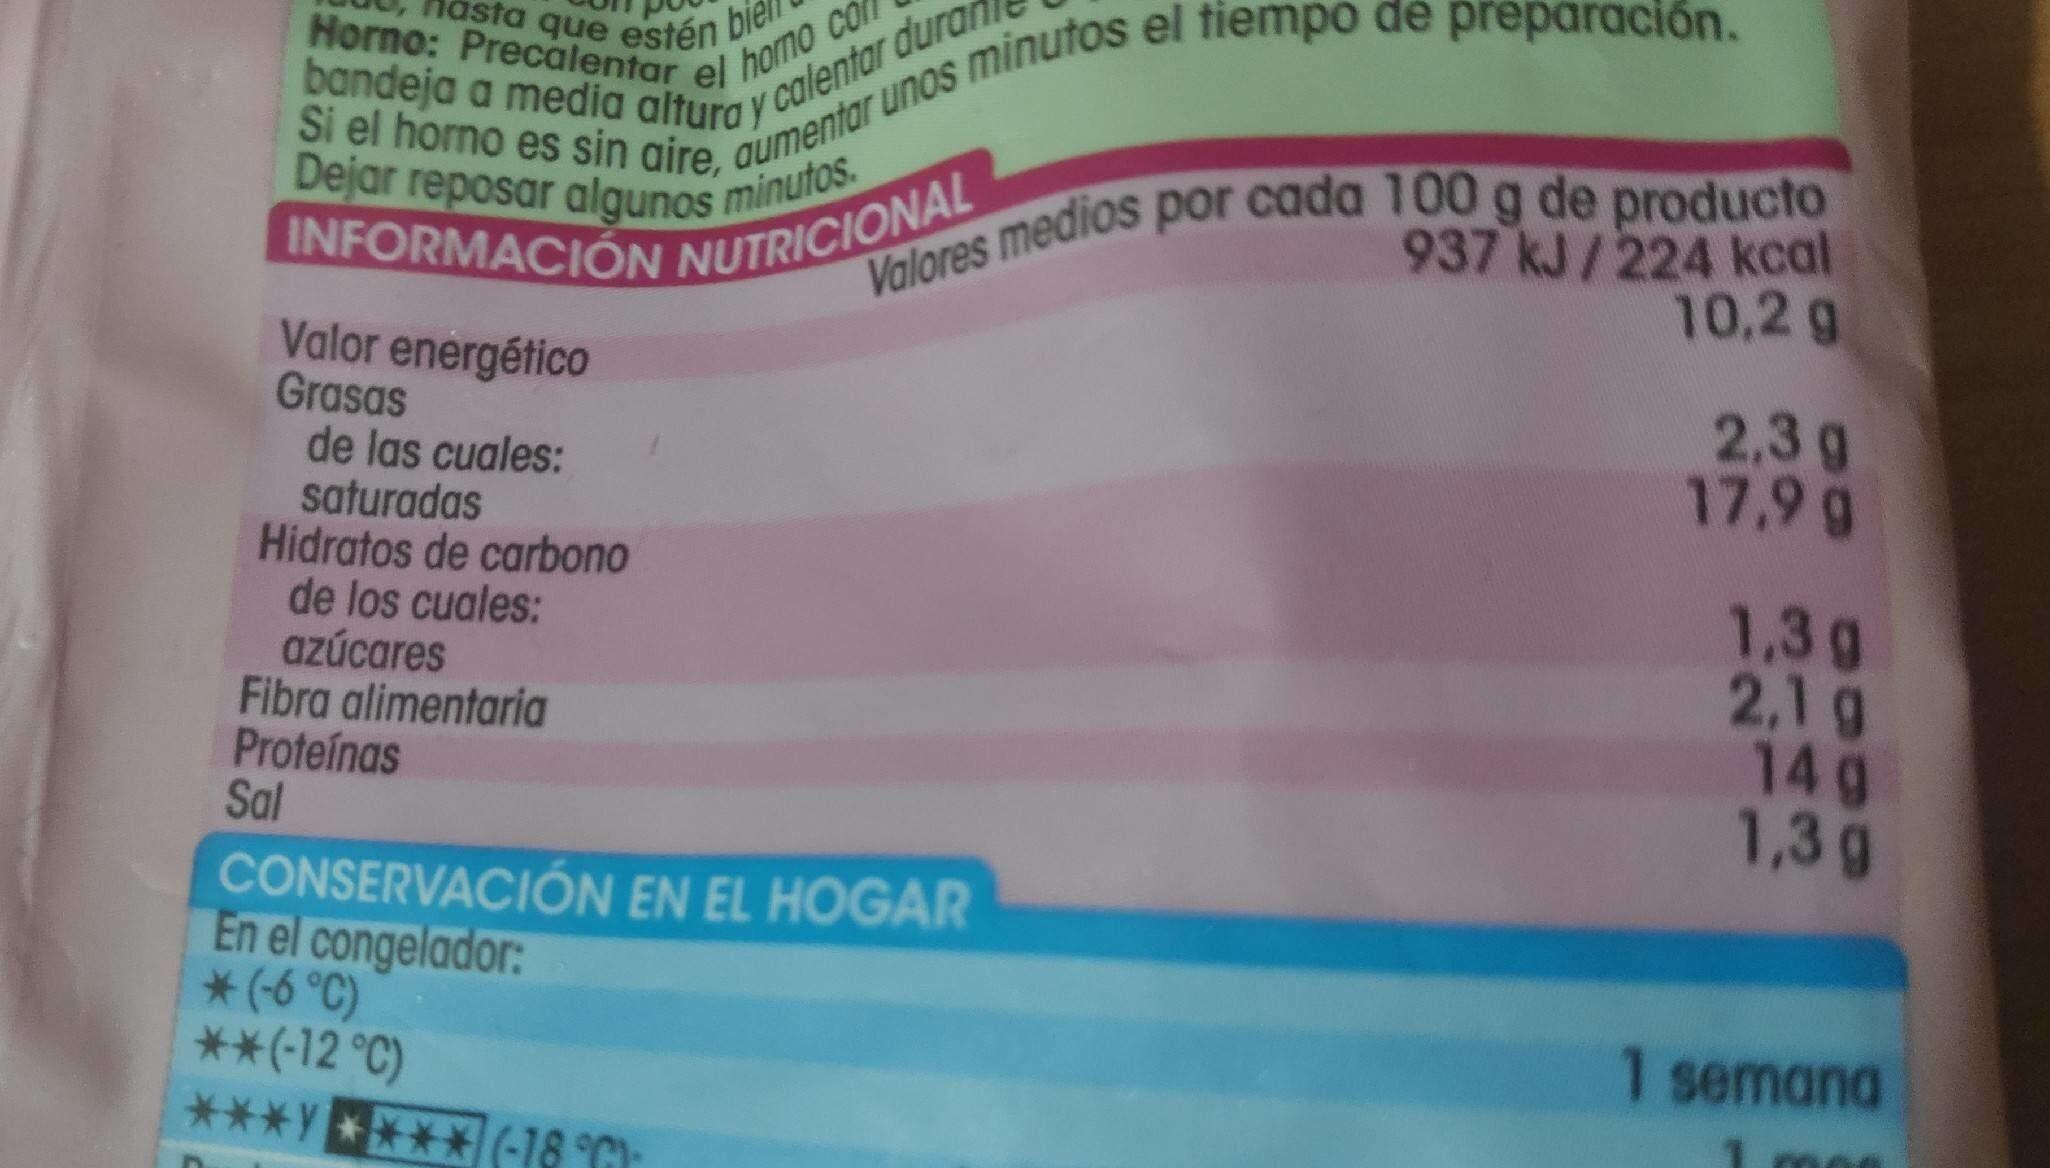 Nuggets de pechuga de pollo - Informació nutricional - es